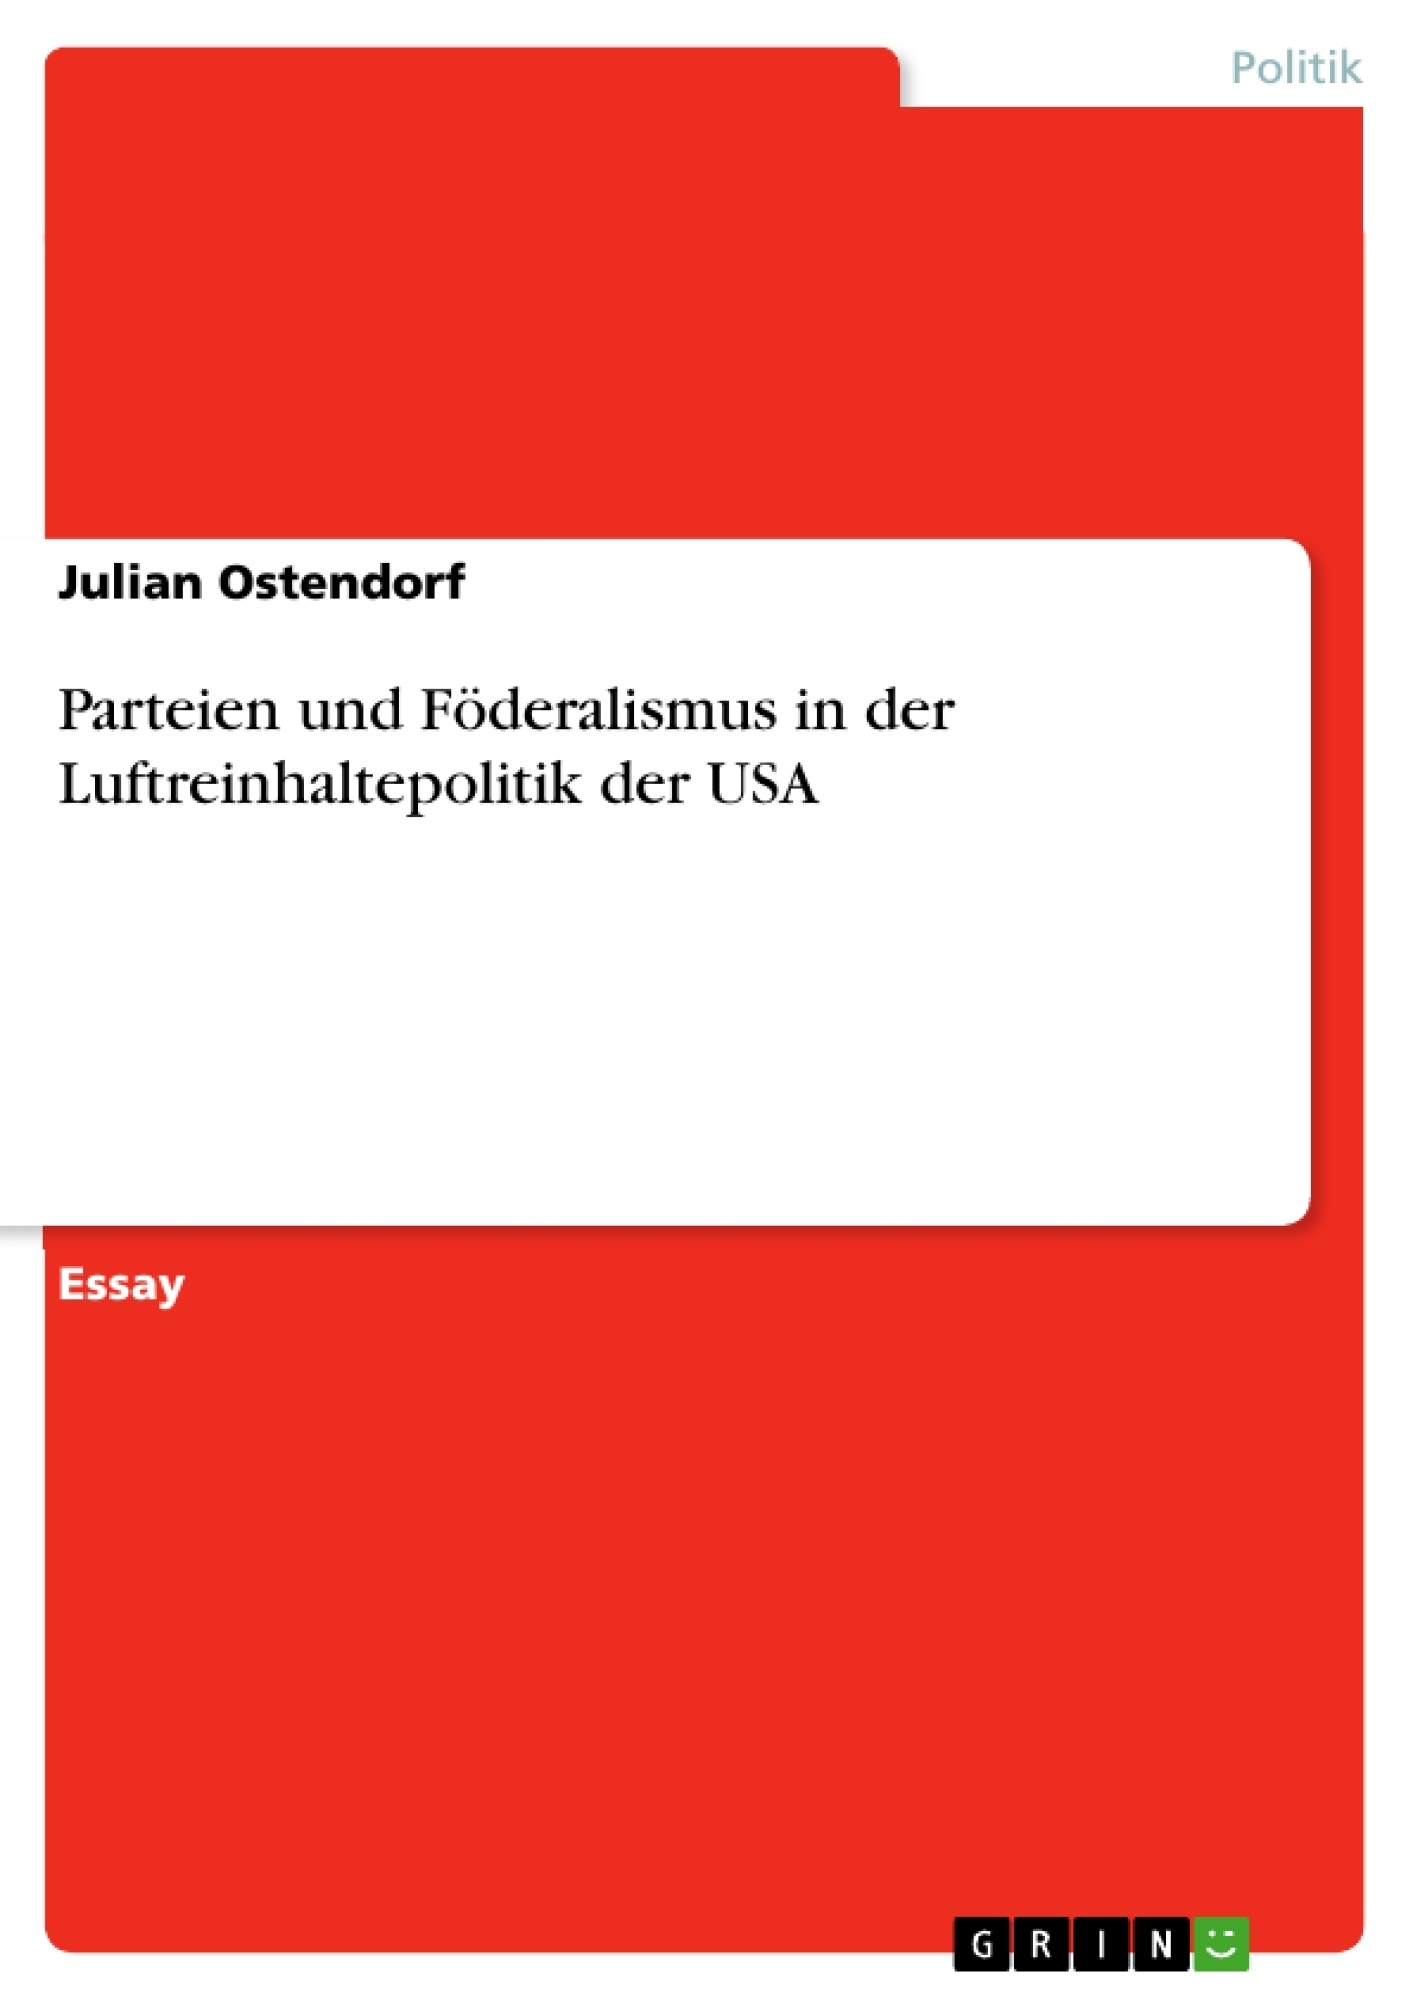 Titel: Parteien und Föderalismus in der Luftreinhaltepolitik der USA